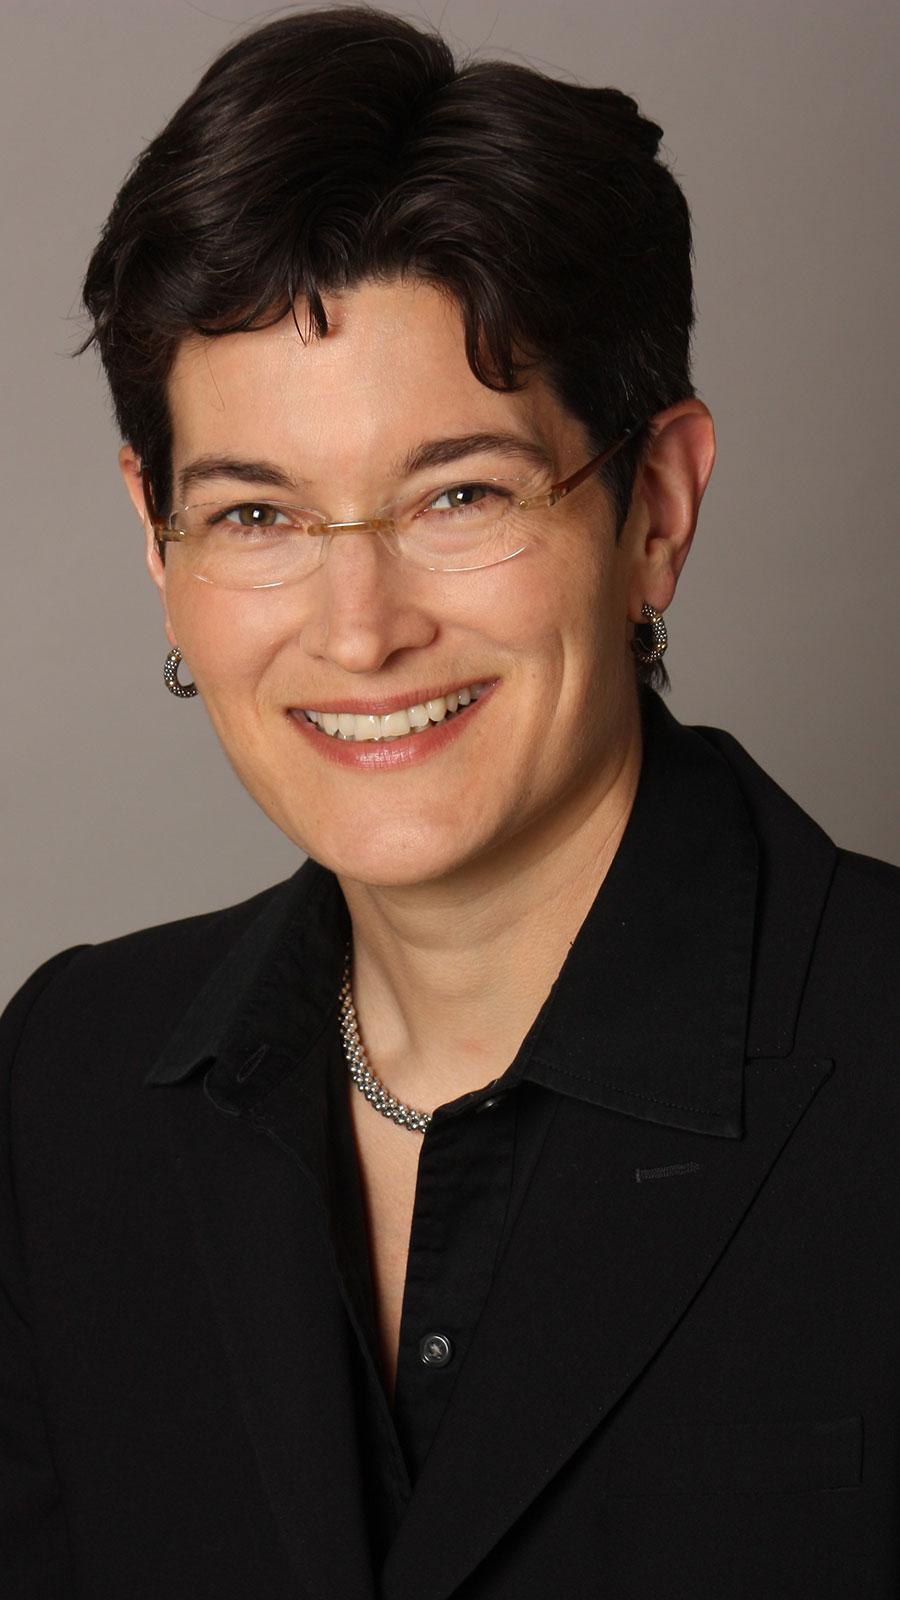 Dr. Eliza Byard